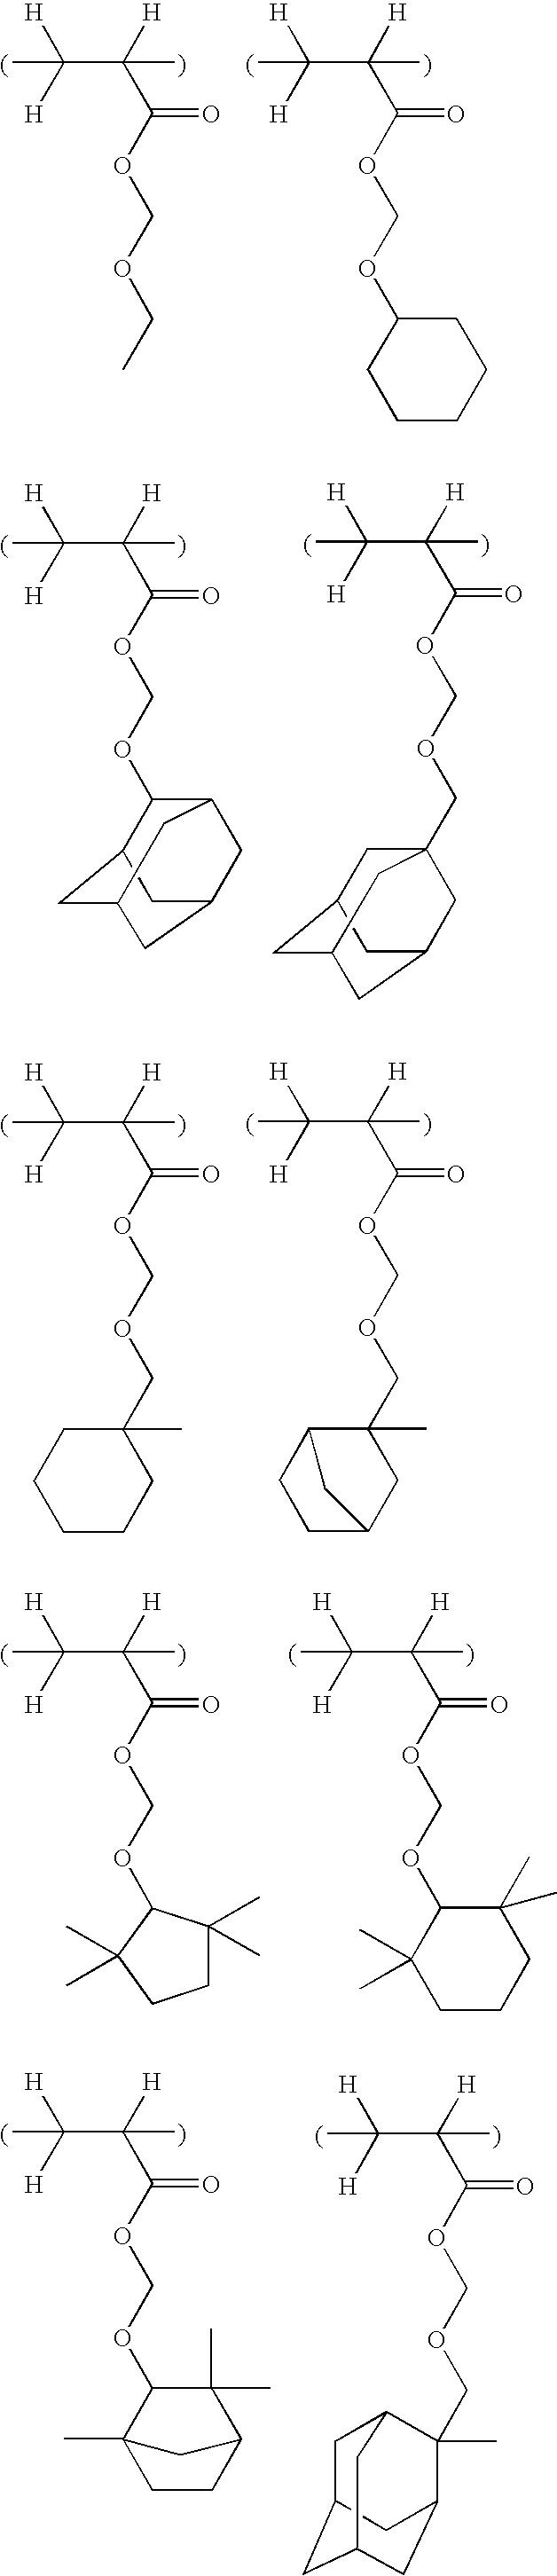 Figure US20080026331A1-20080131-C00048